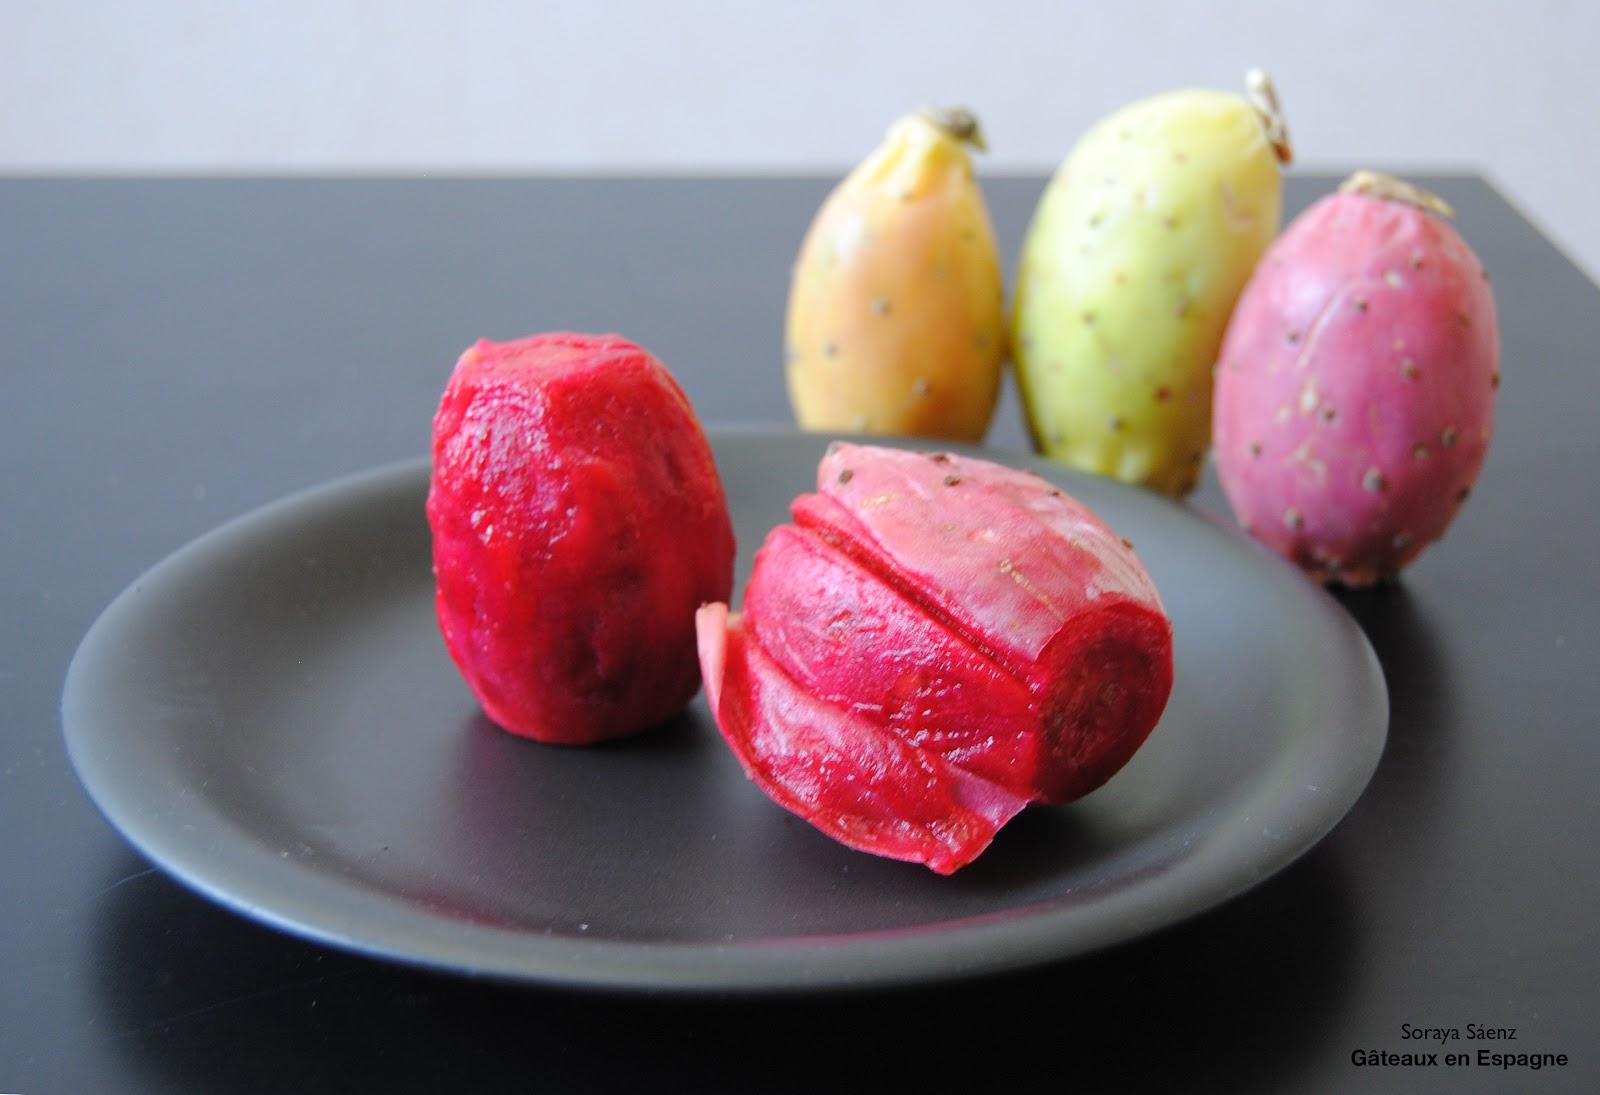 Que venez vous de manger ? - Page 4 Figue_barbarie_fruit_exotique_huile_cactus